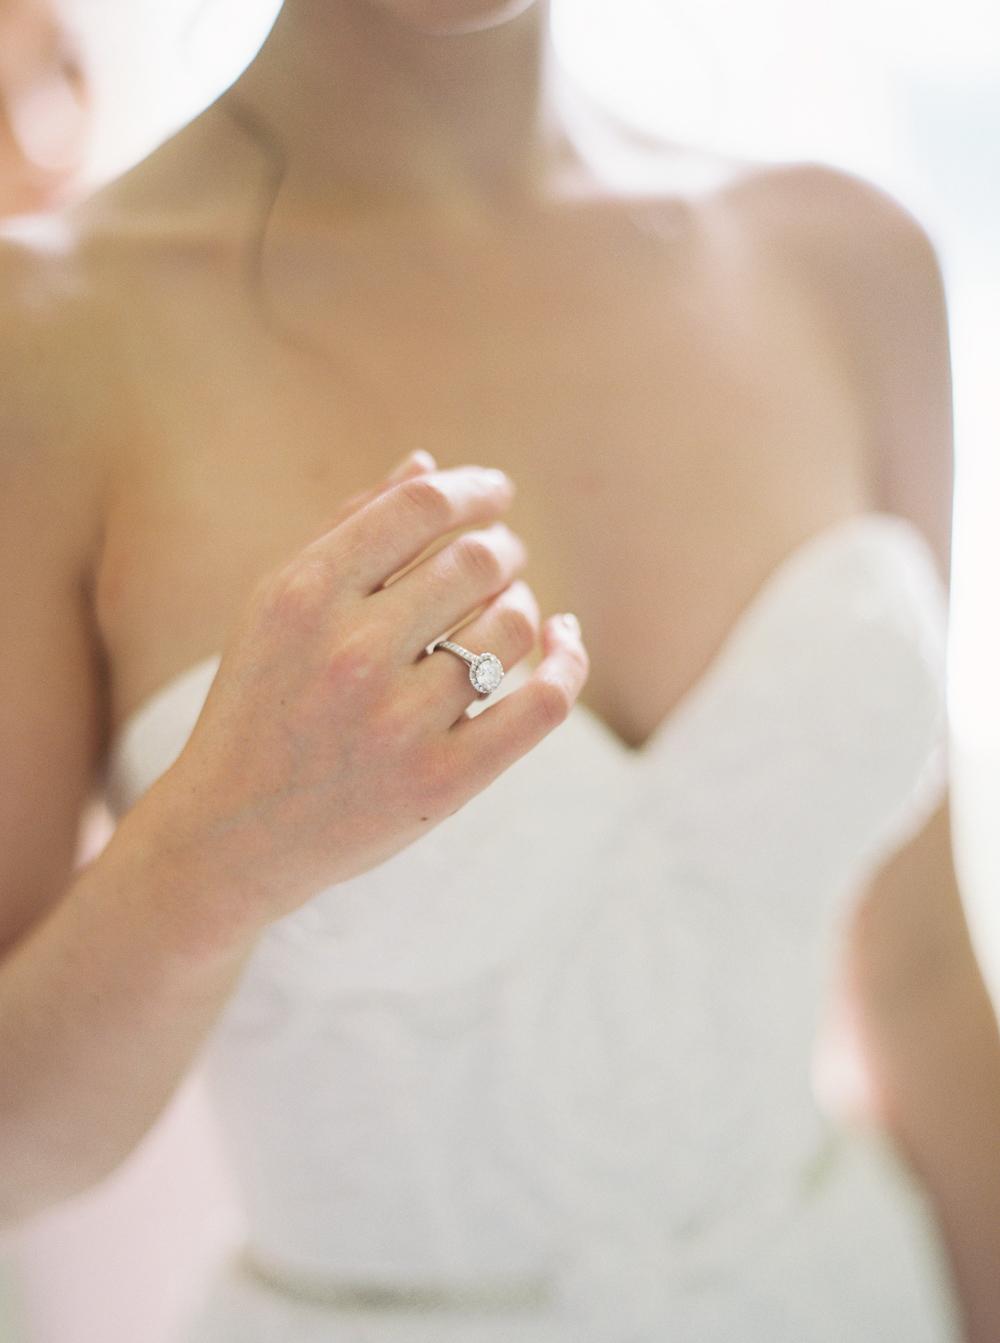 0012-When-He-Found-Her-Muskoka-JW Marriott-The Rosseau-shea-events-sweet-woodruff-canadian-resort-wedding.jpg